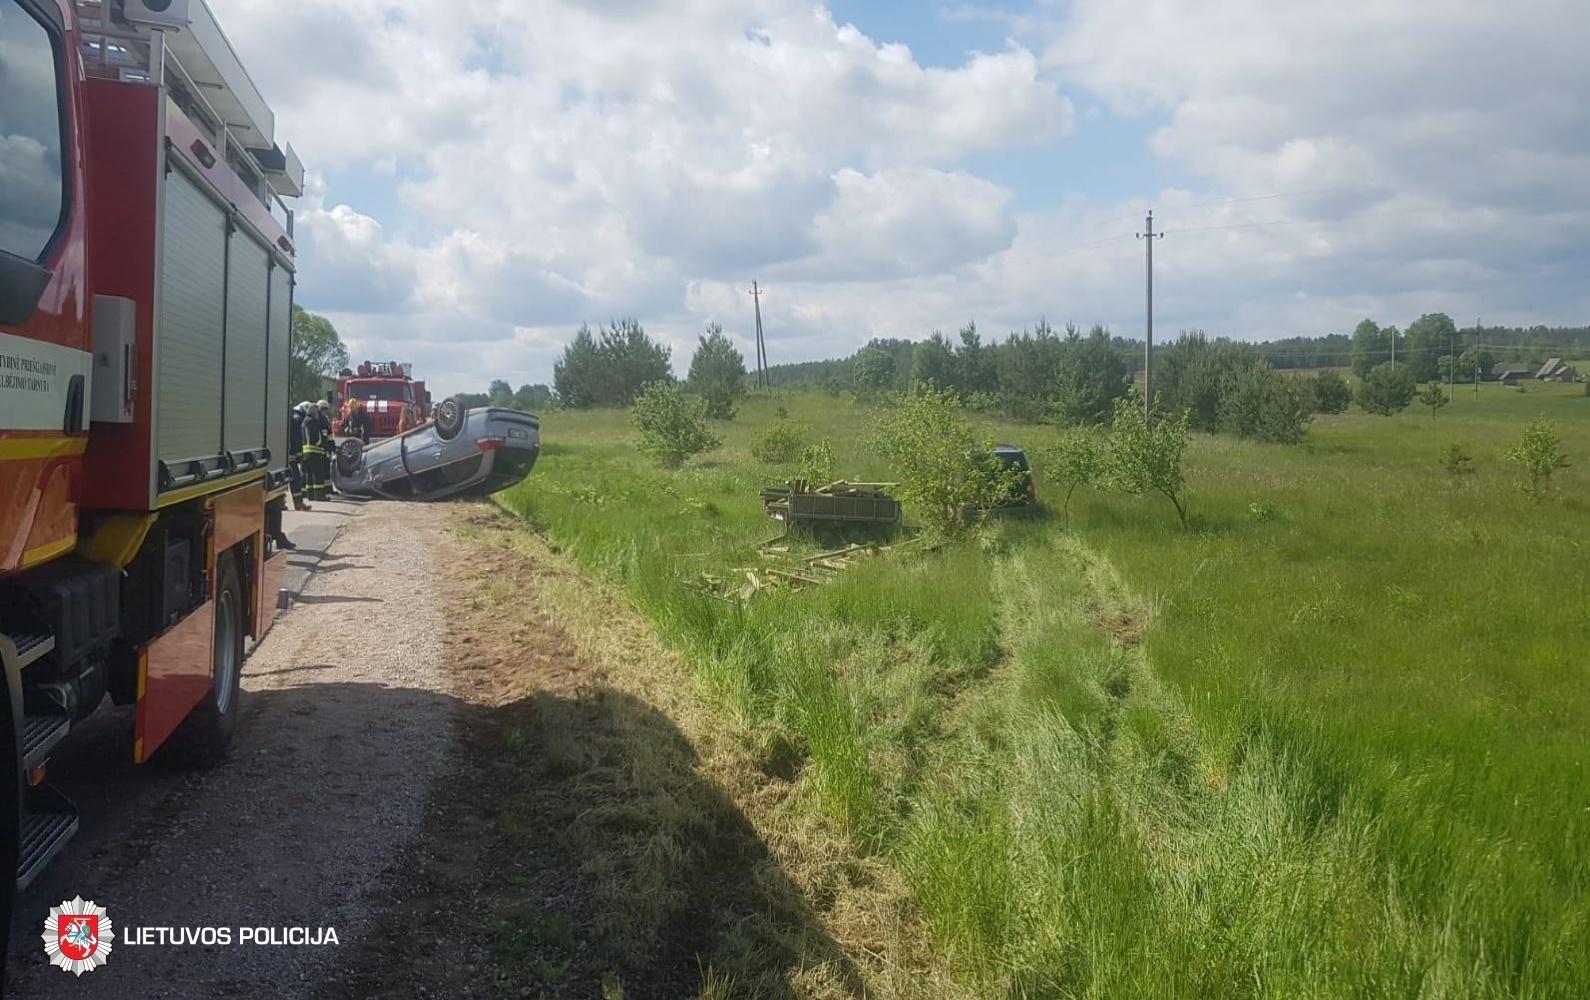 Savaitgalis Lietuvos keliuose: sužeisti 34 žmonės, vienas mirė ligoninėje